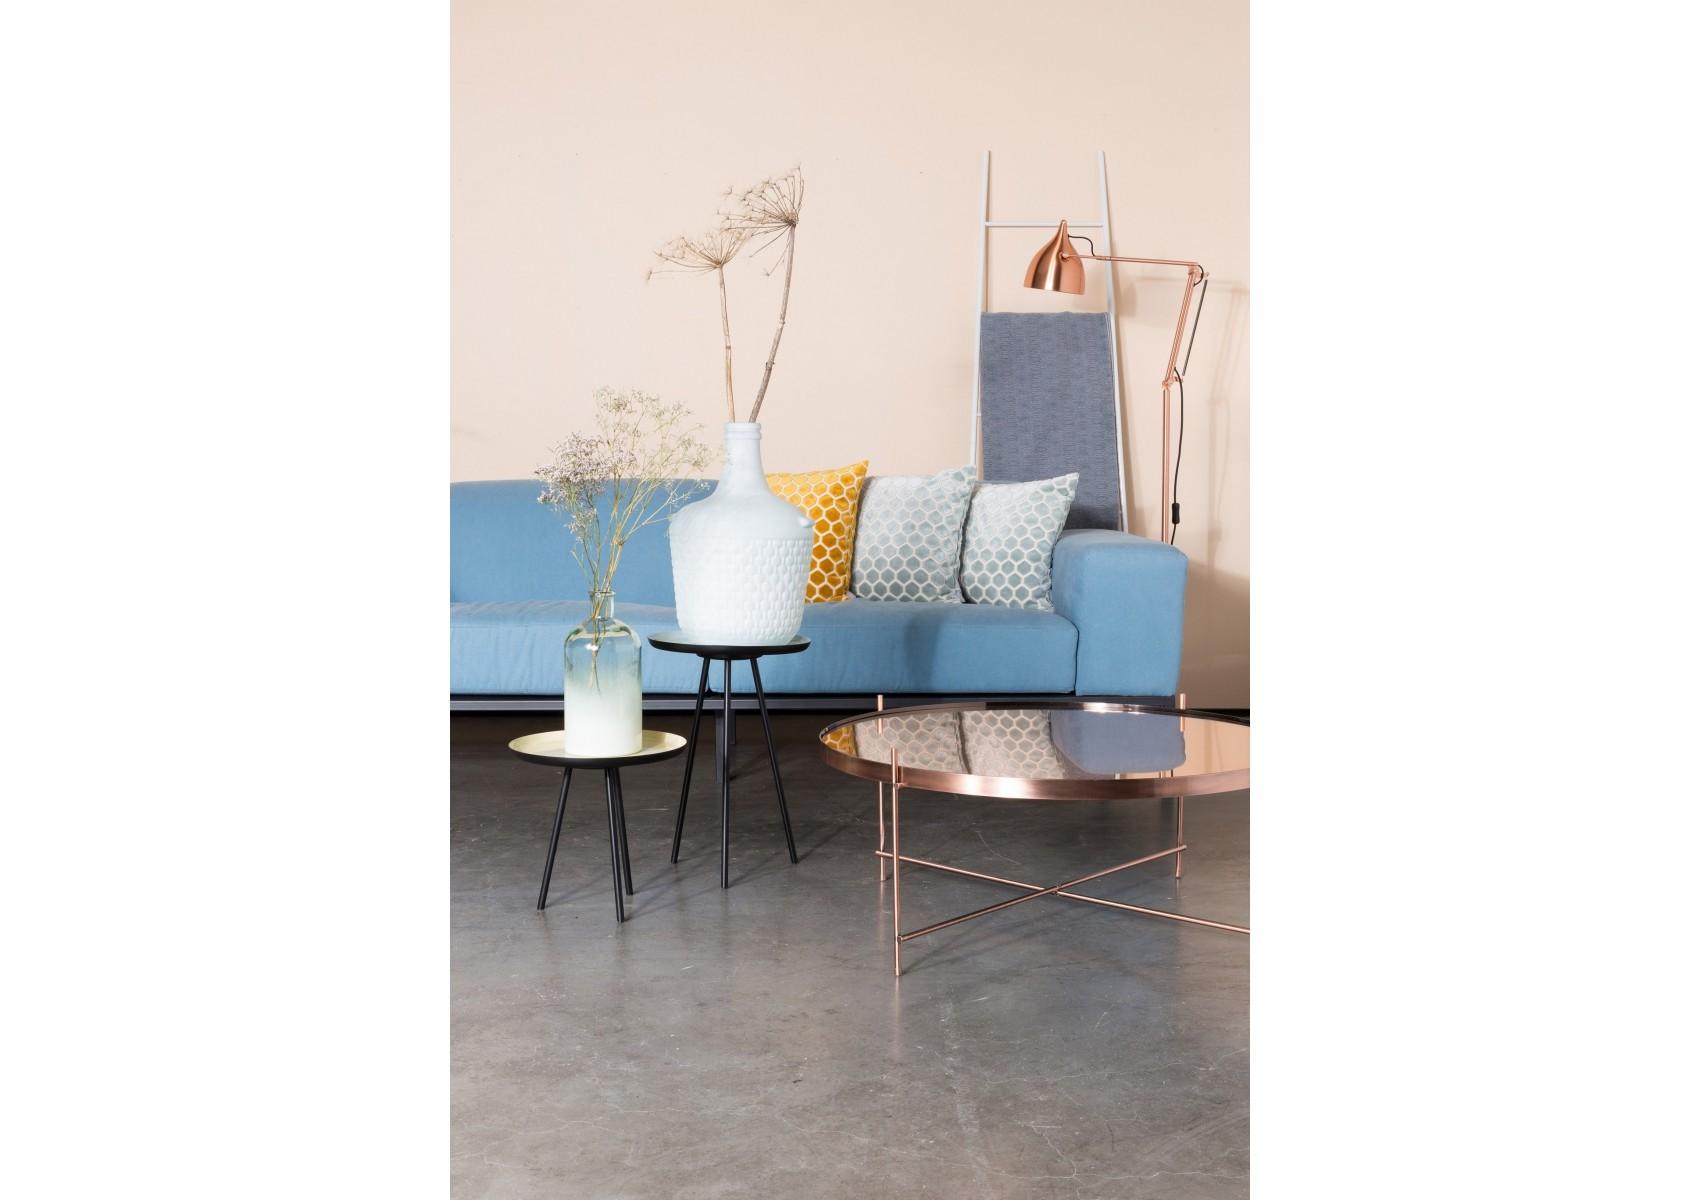 3 tables basses r tro enamel couleurs pastel par zuiver. Black Bedroom Furniture Sets. Home Design Ideas